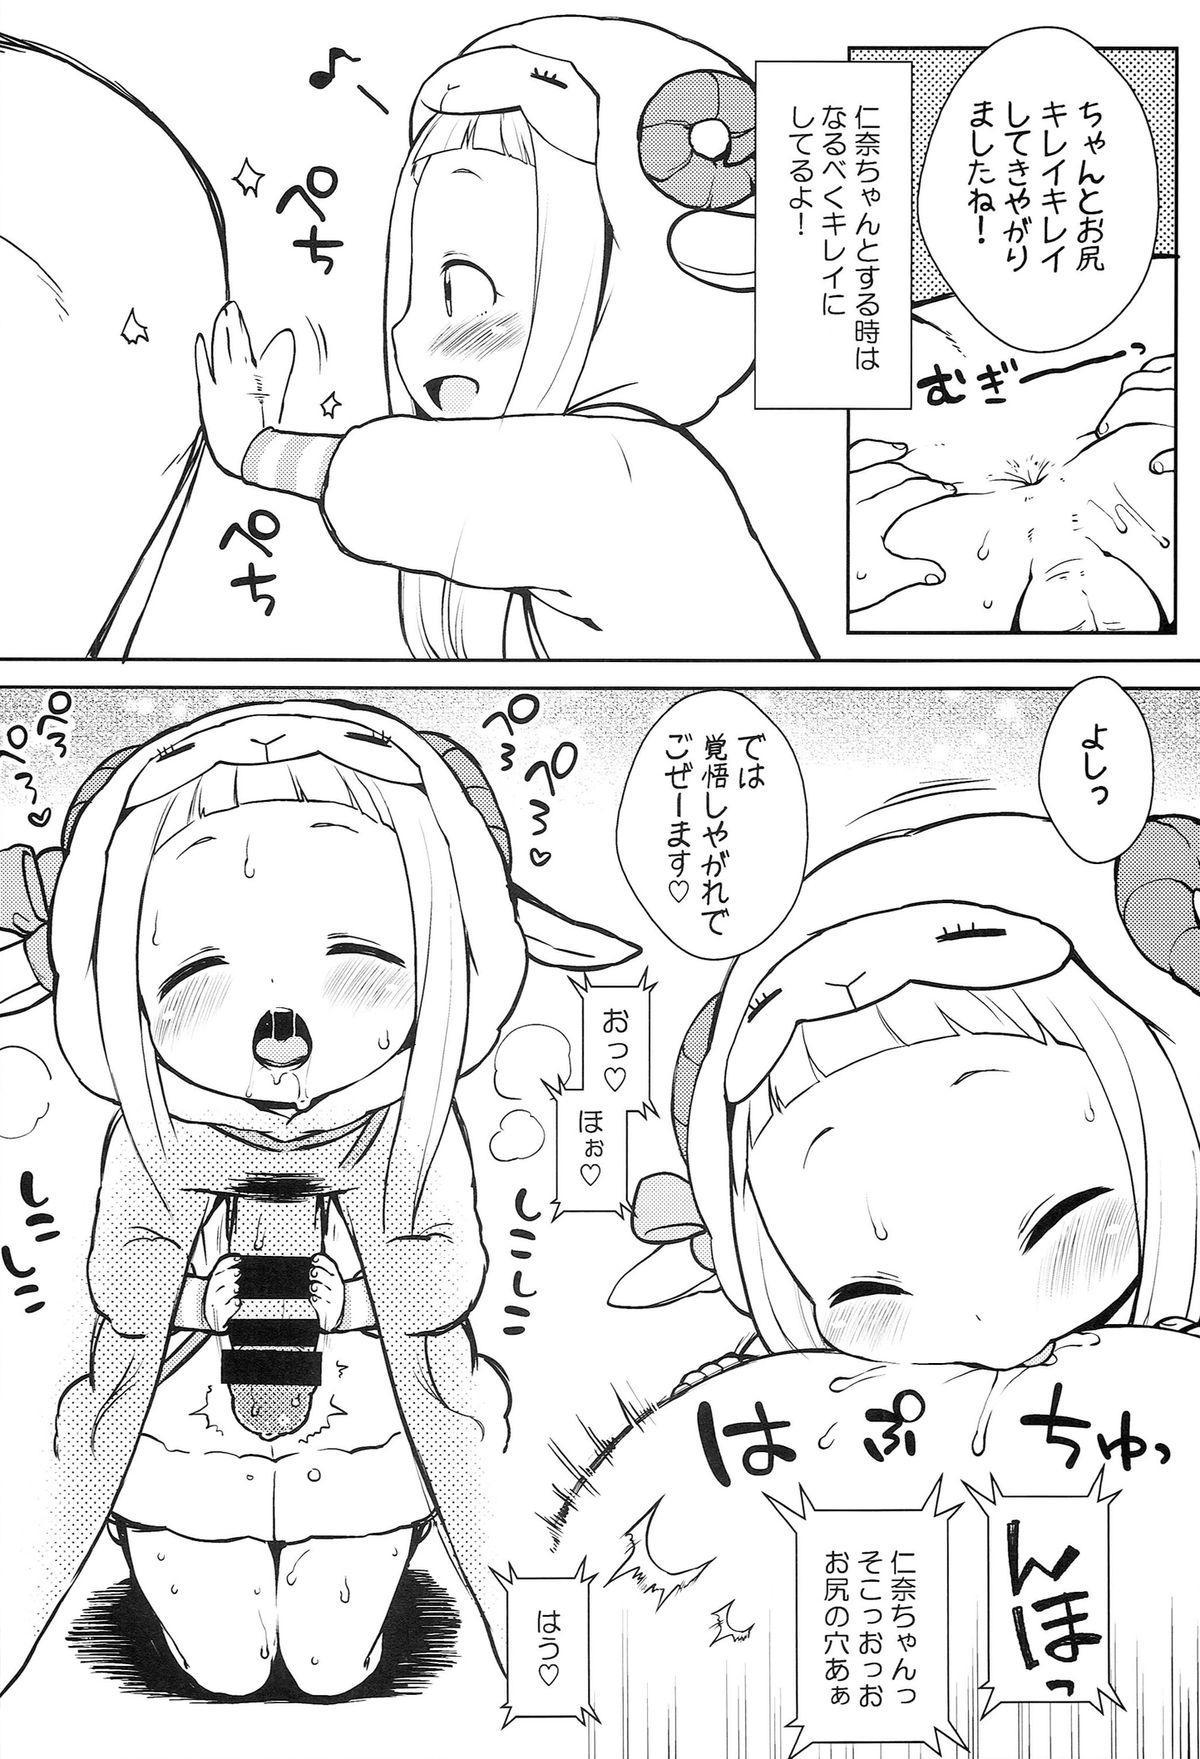 Kaniya no Omake bon Soushuuhen+α 27